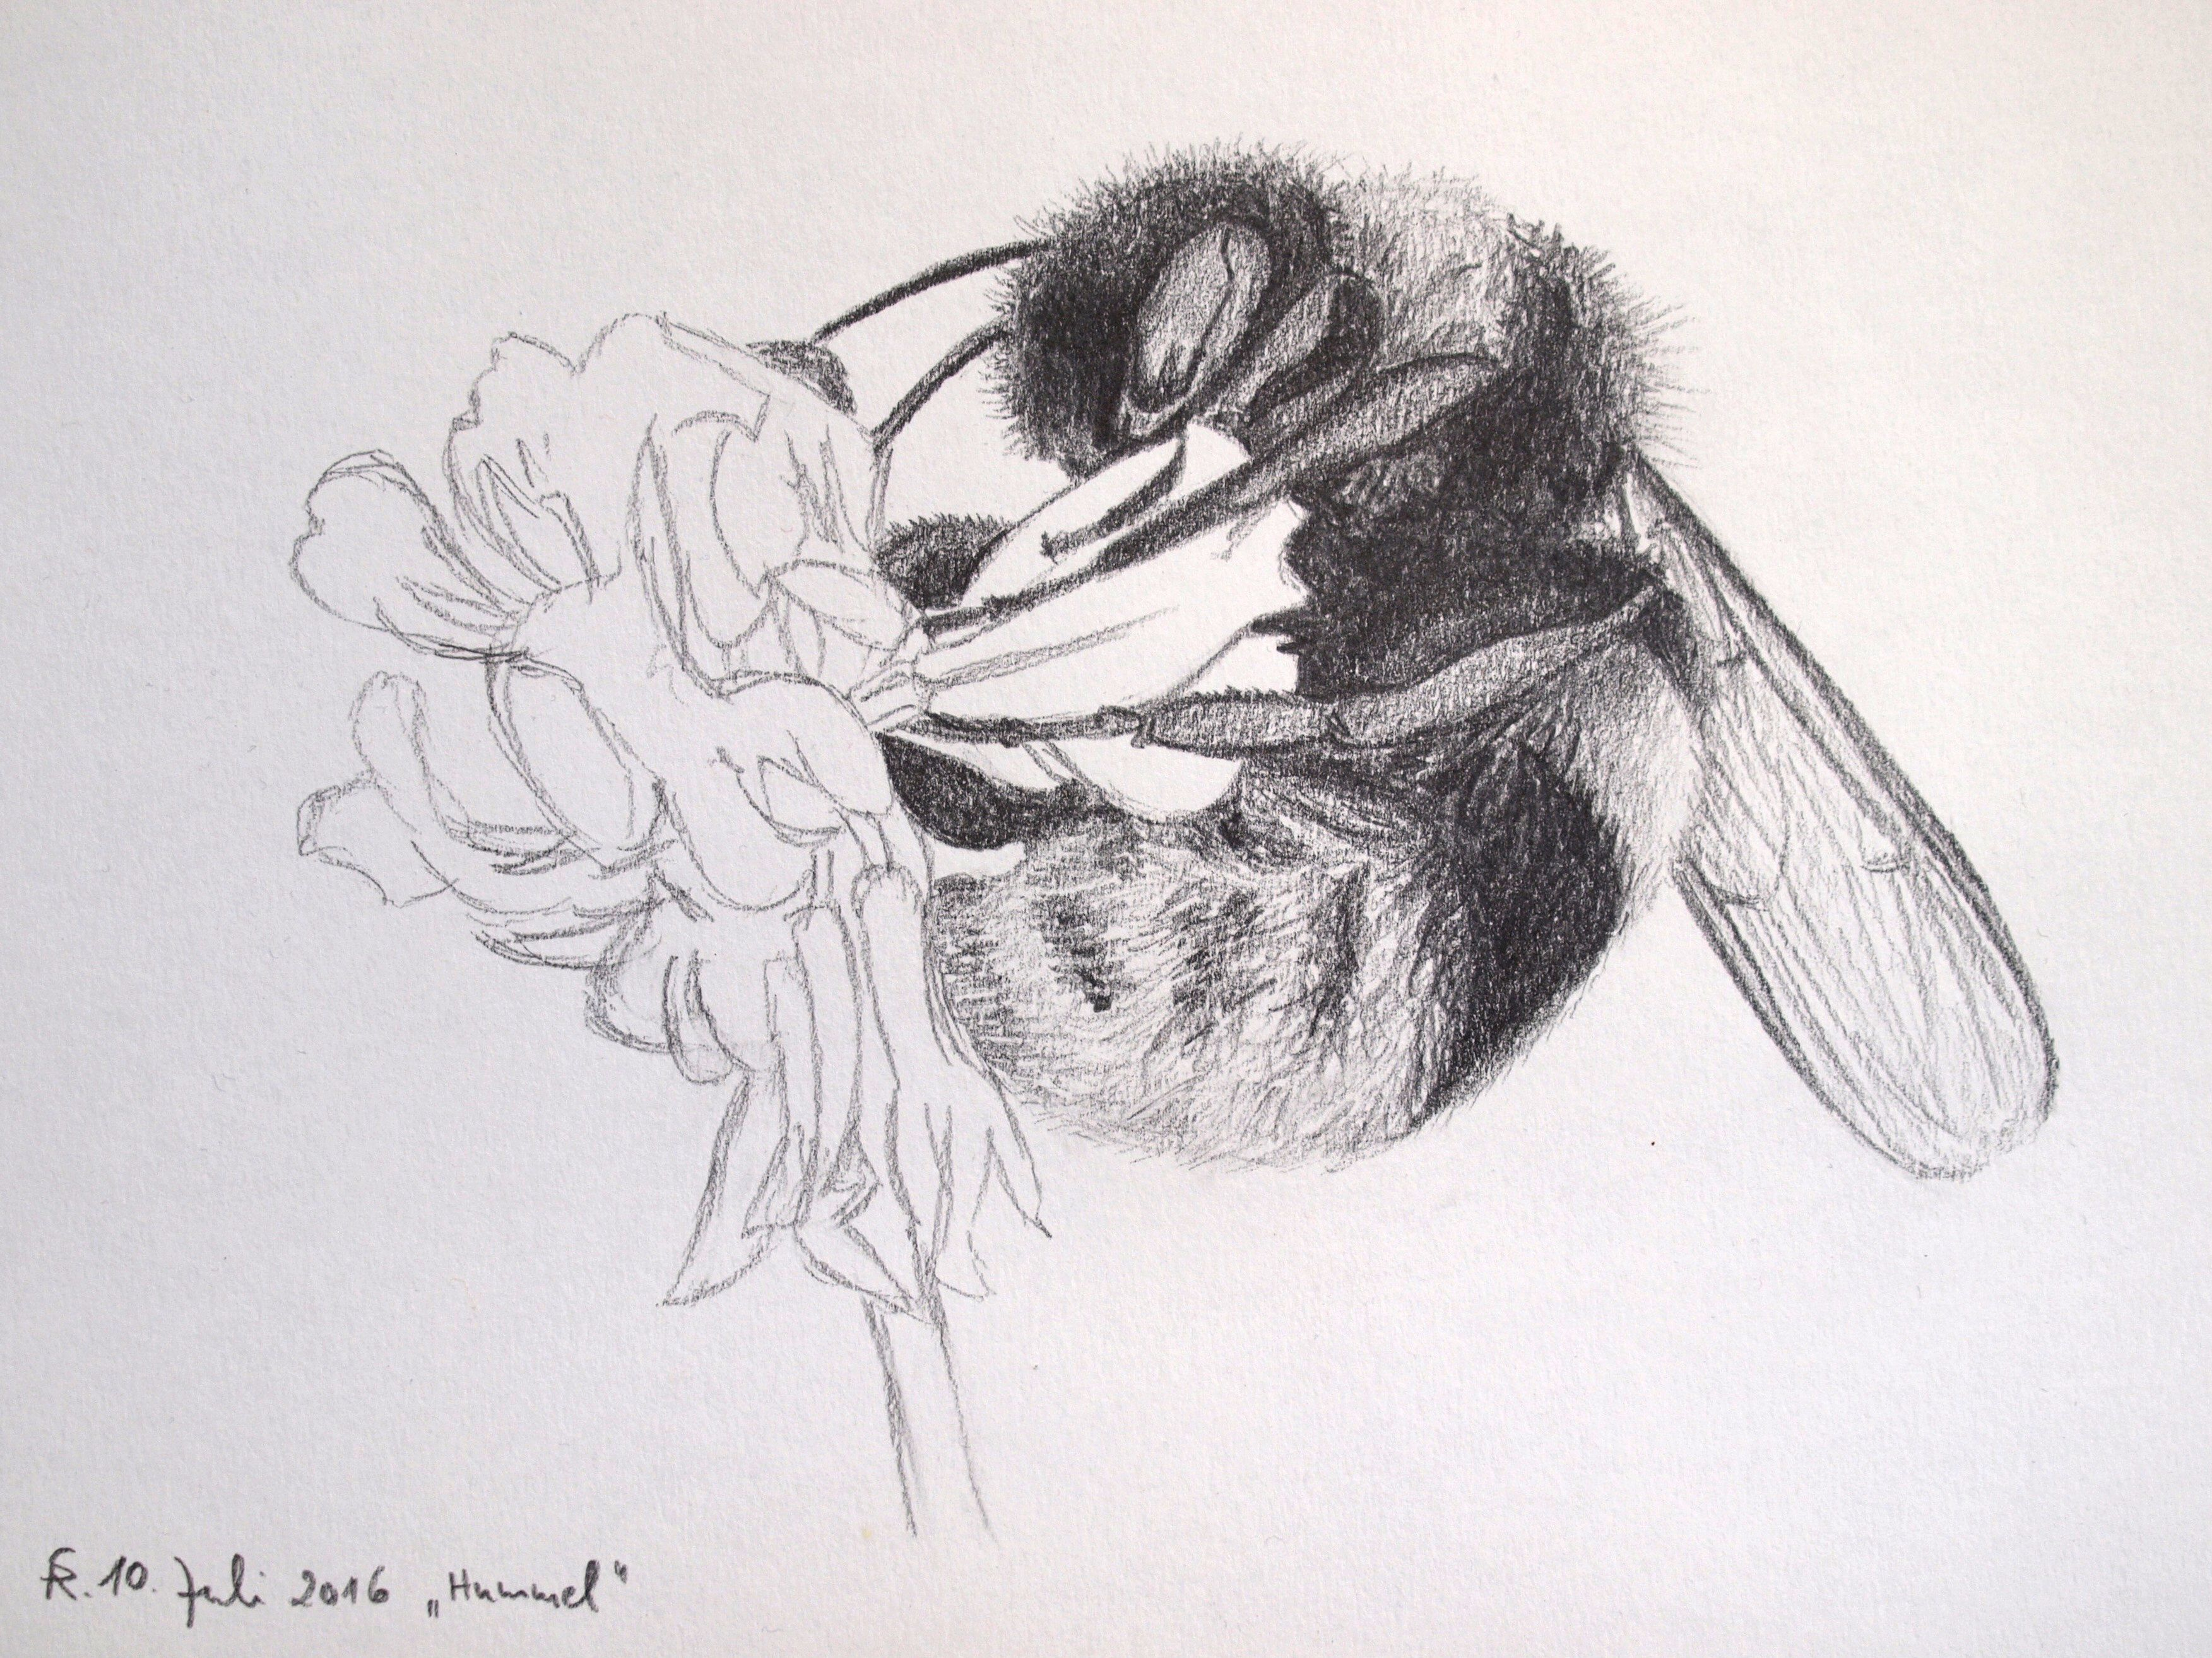 Hummel | Zeichnungen | Pinterest | Insekten, Zeichnungen und Zeichnen